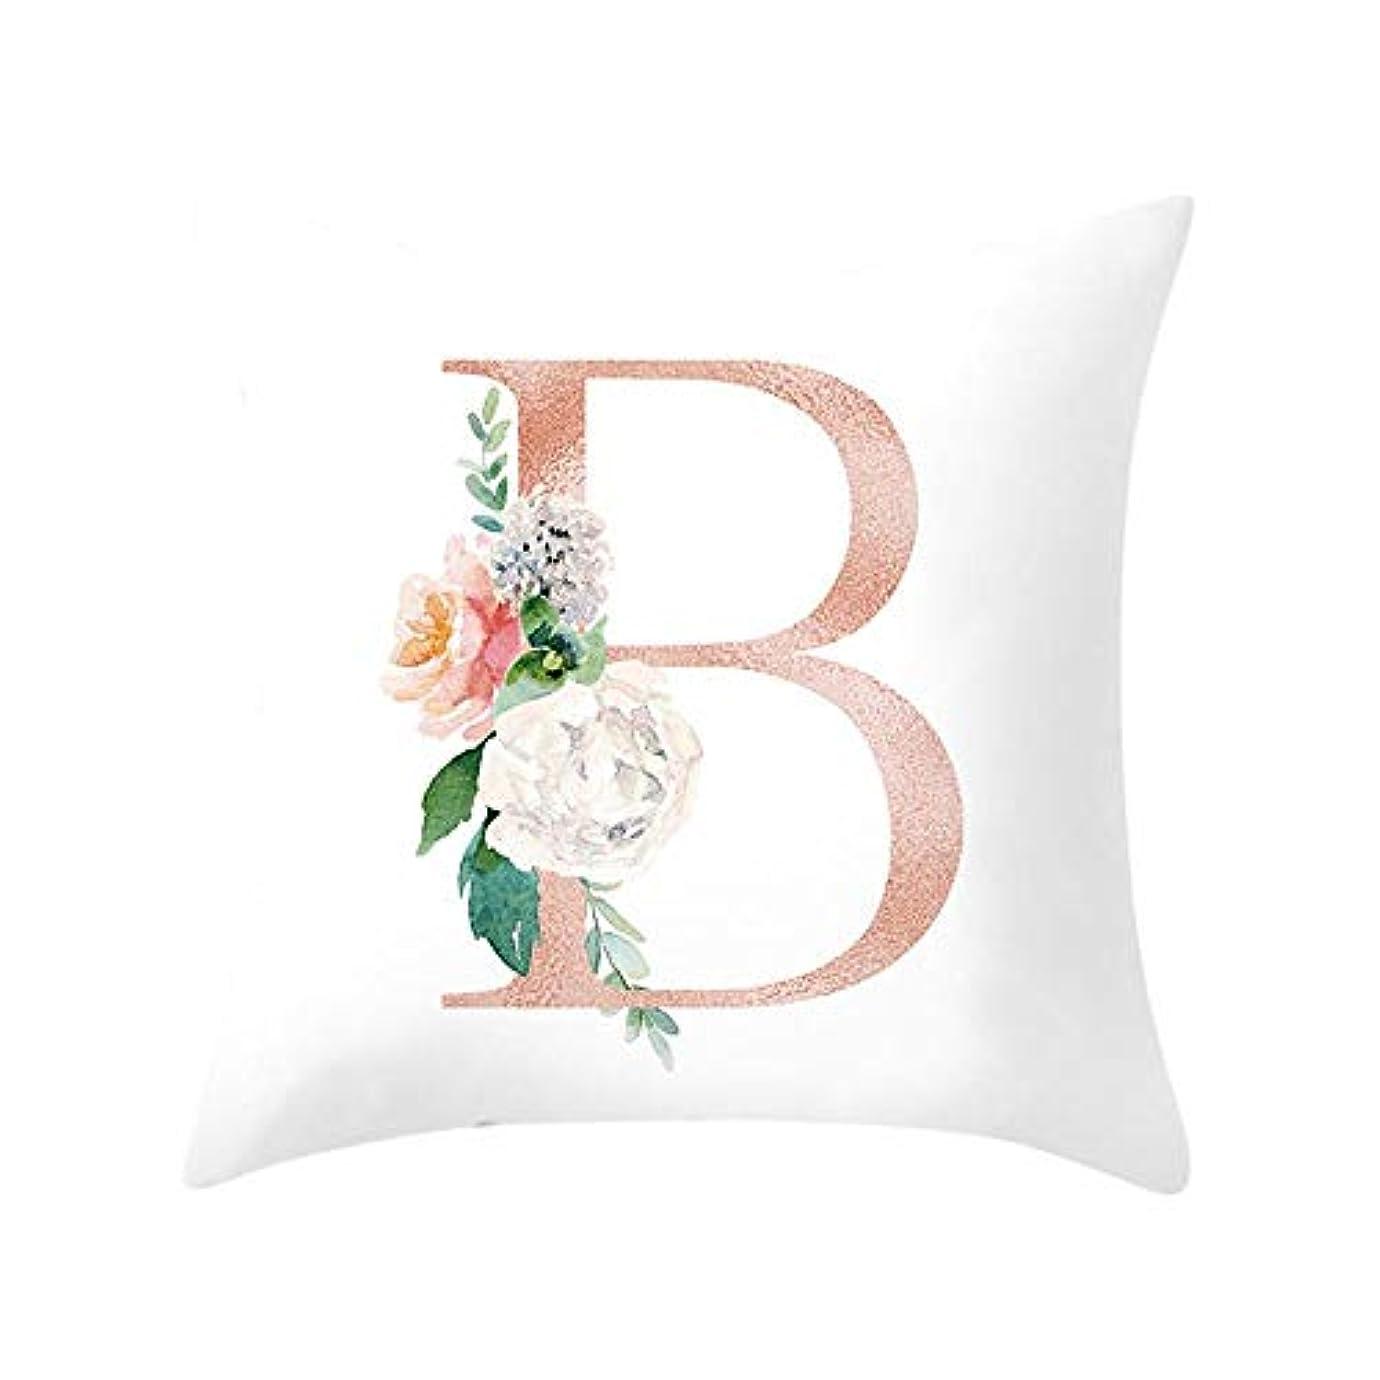 割る反響するしおれたLIFE 装飾クッションソファ手紙枕アルファベットクッション印刷ソファ家の装飾の花枕 coussin decoratif クッション 椅子